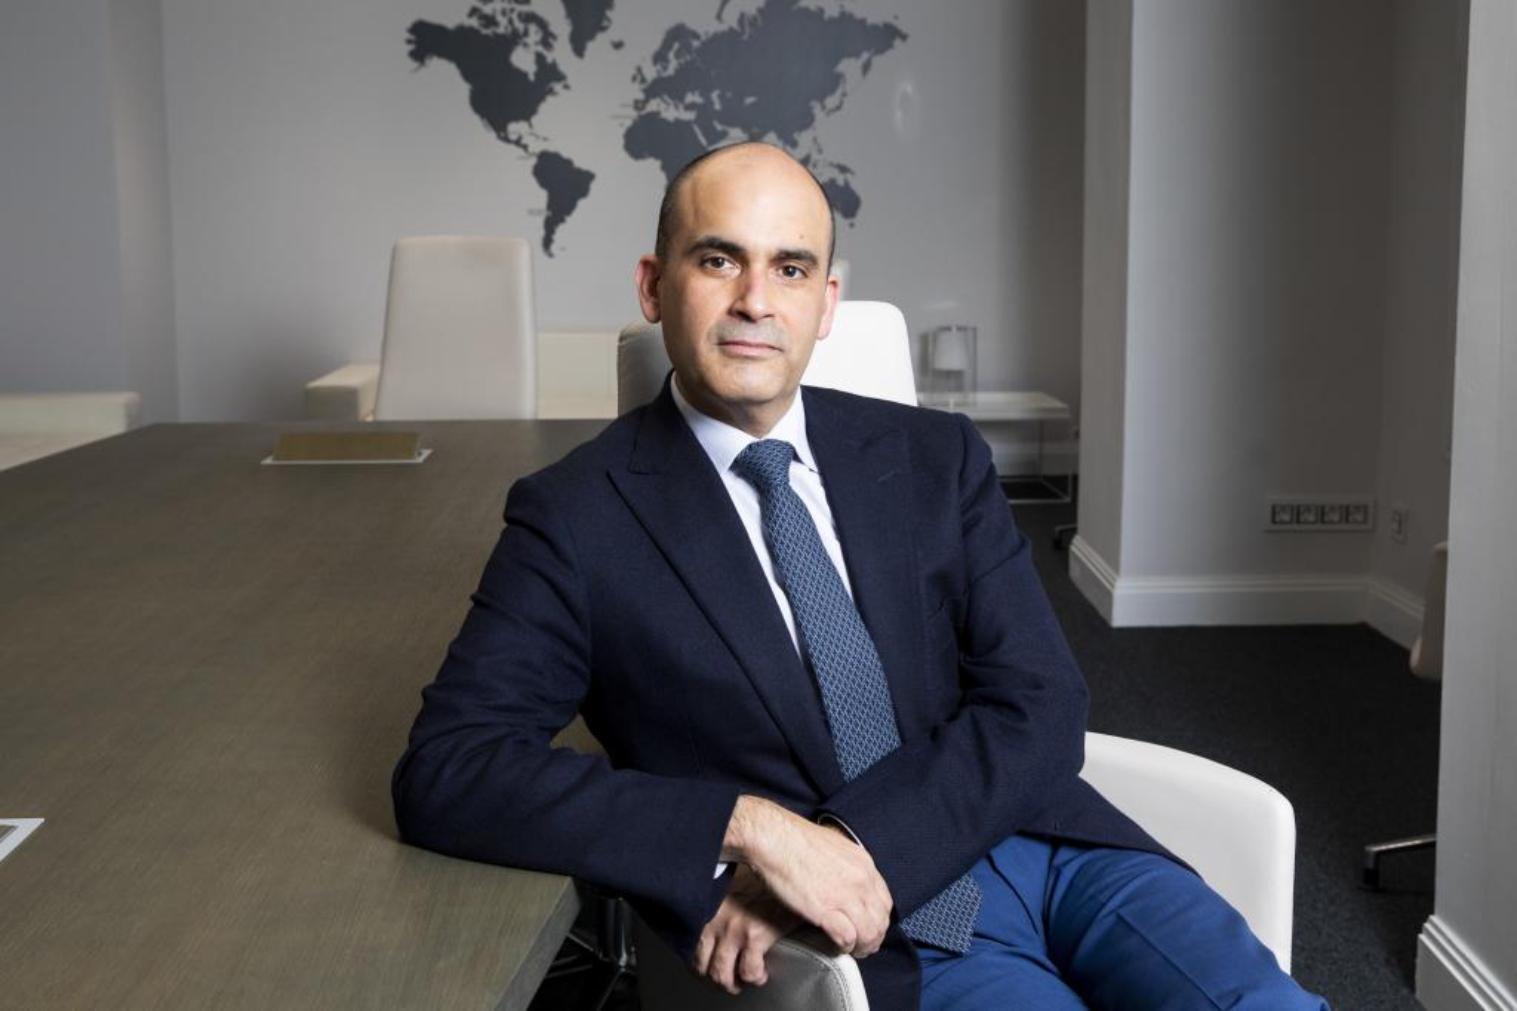 El consejero de Ibox Energy, Lamberto Camacho, posa en su oficina de Madrid.